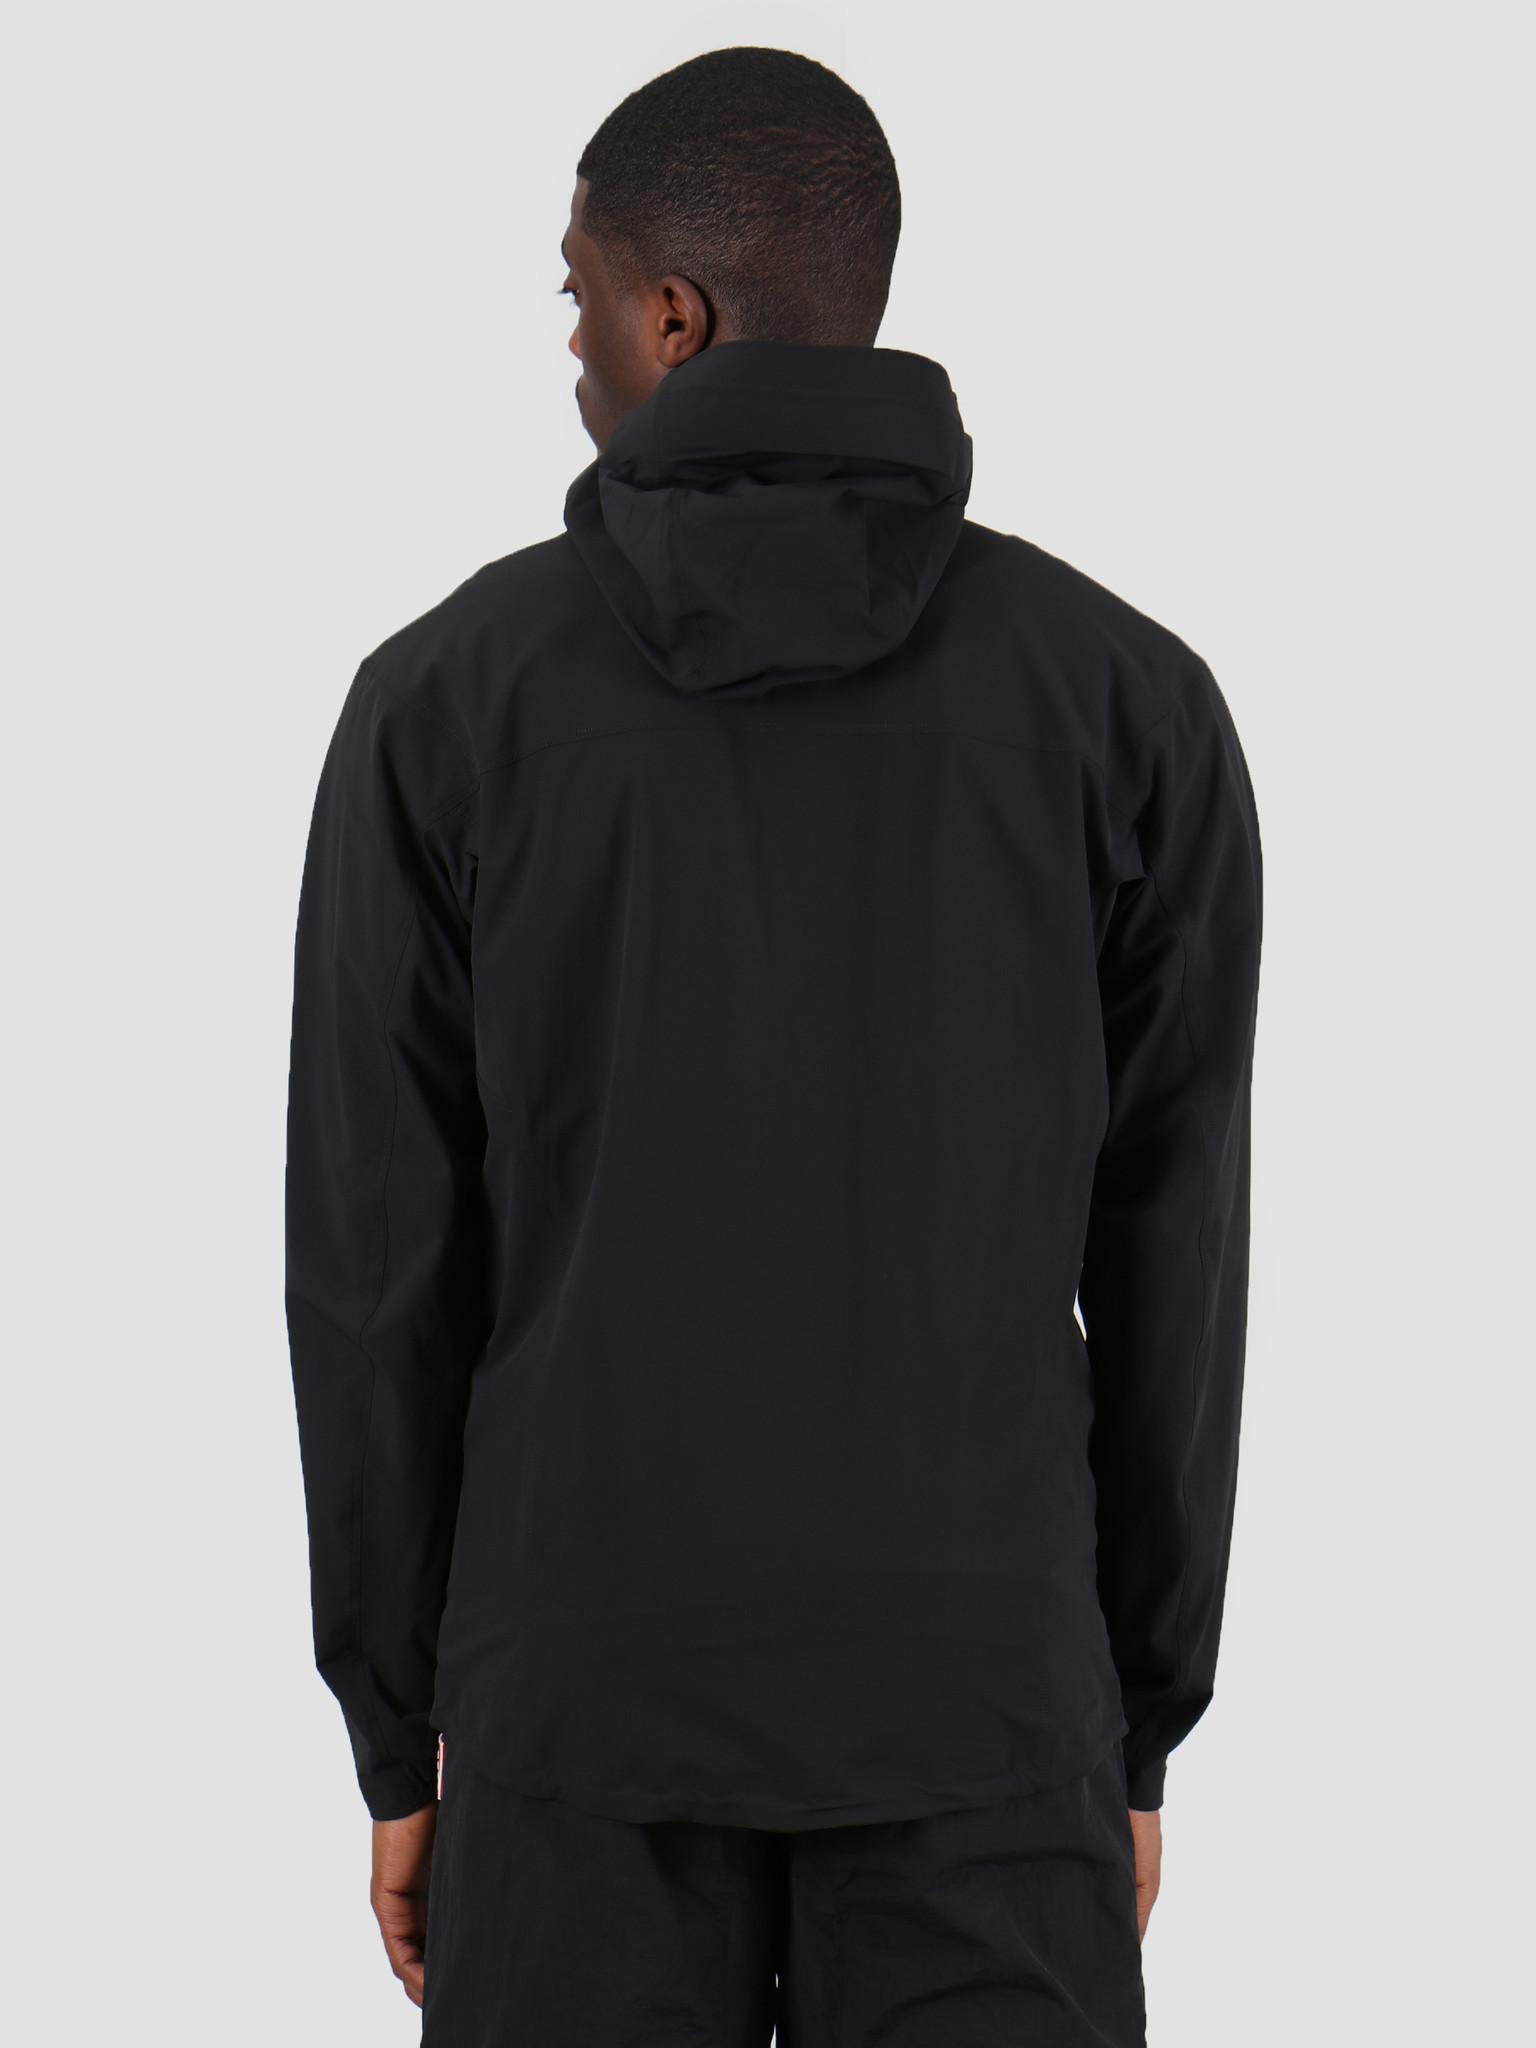 Arc'teryx Arc'teryx Gamma SL Jacket Black 25153